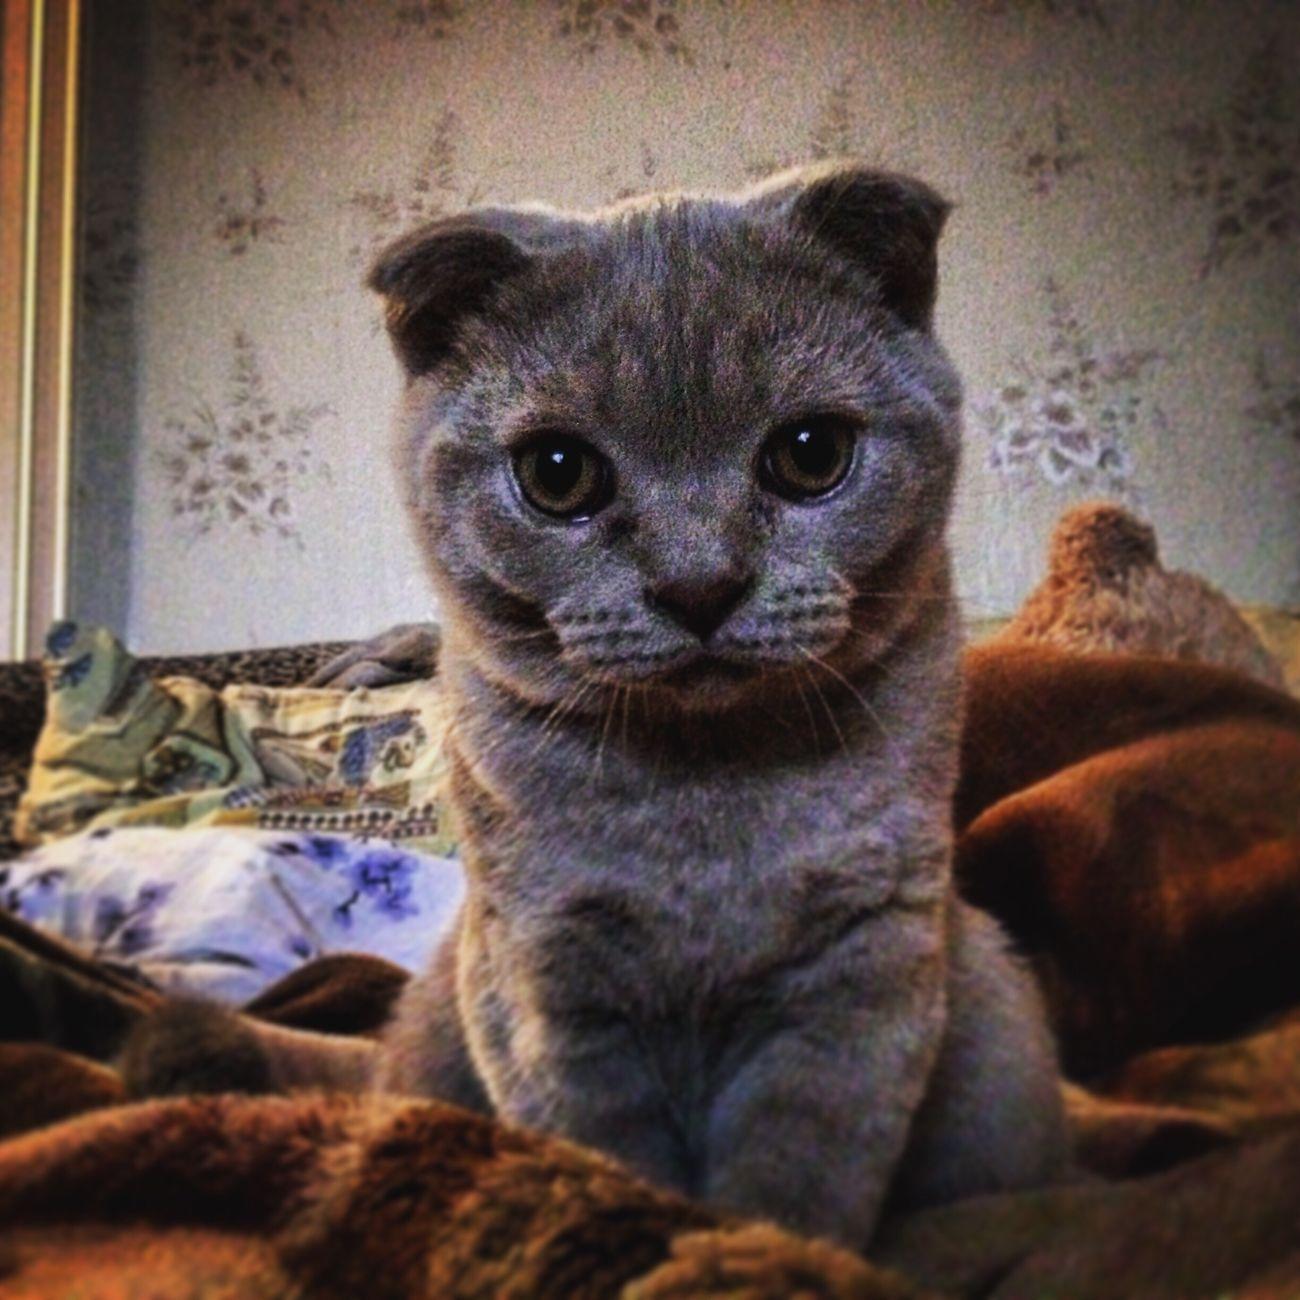 кот Cat доброта Россия Russia Followme Beautiful